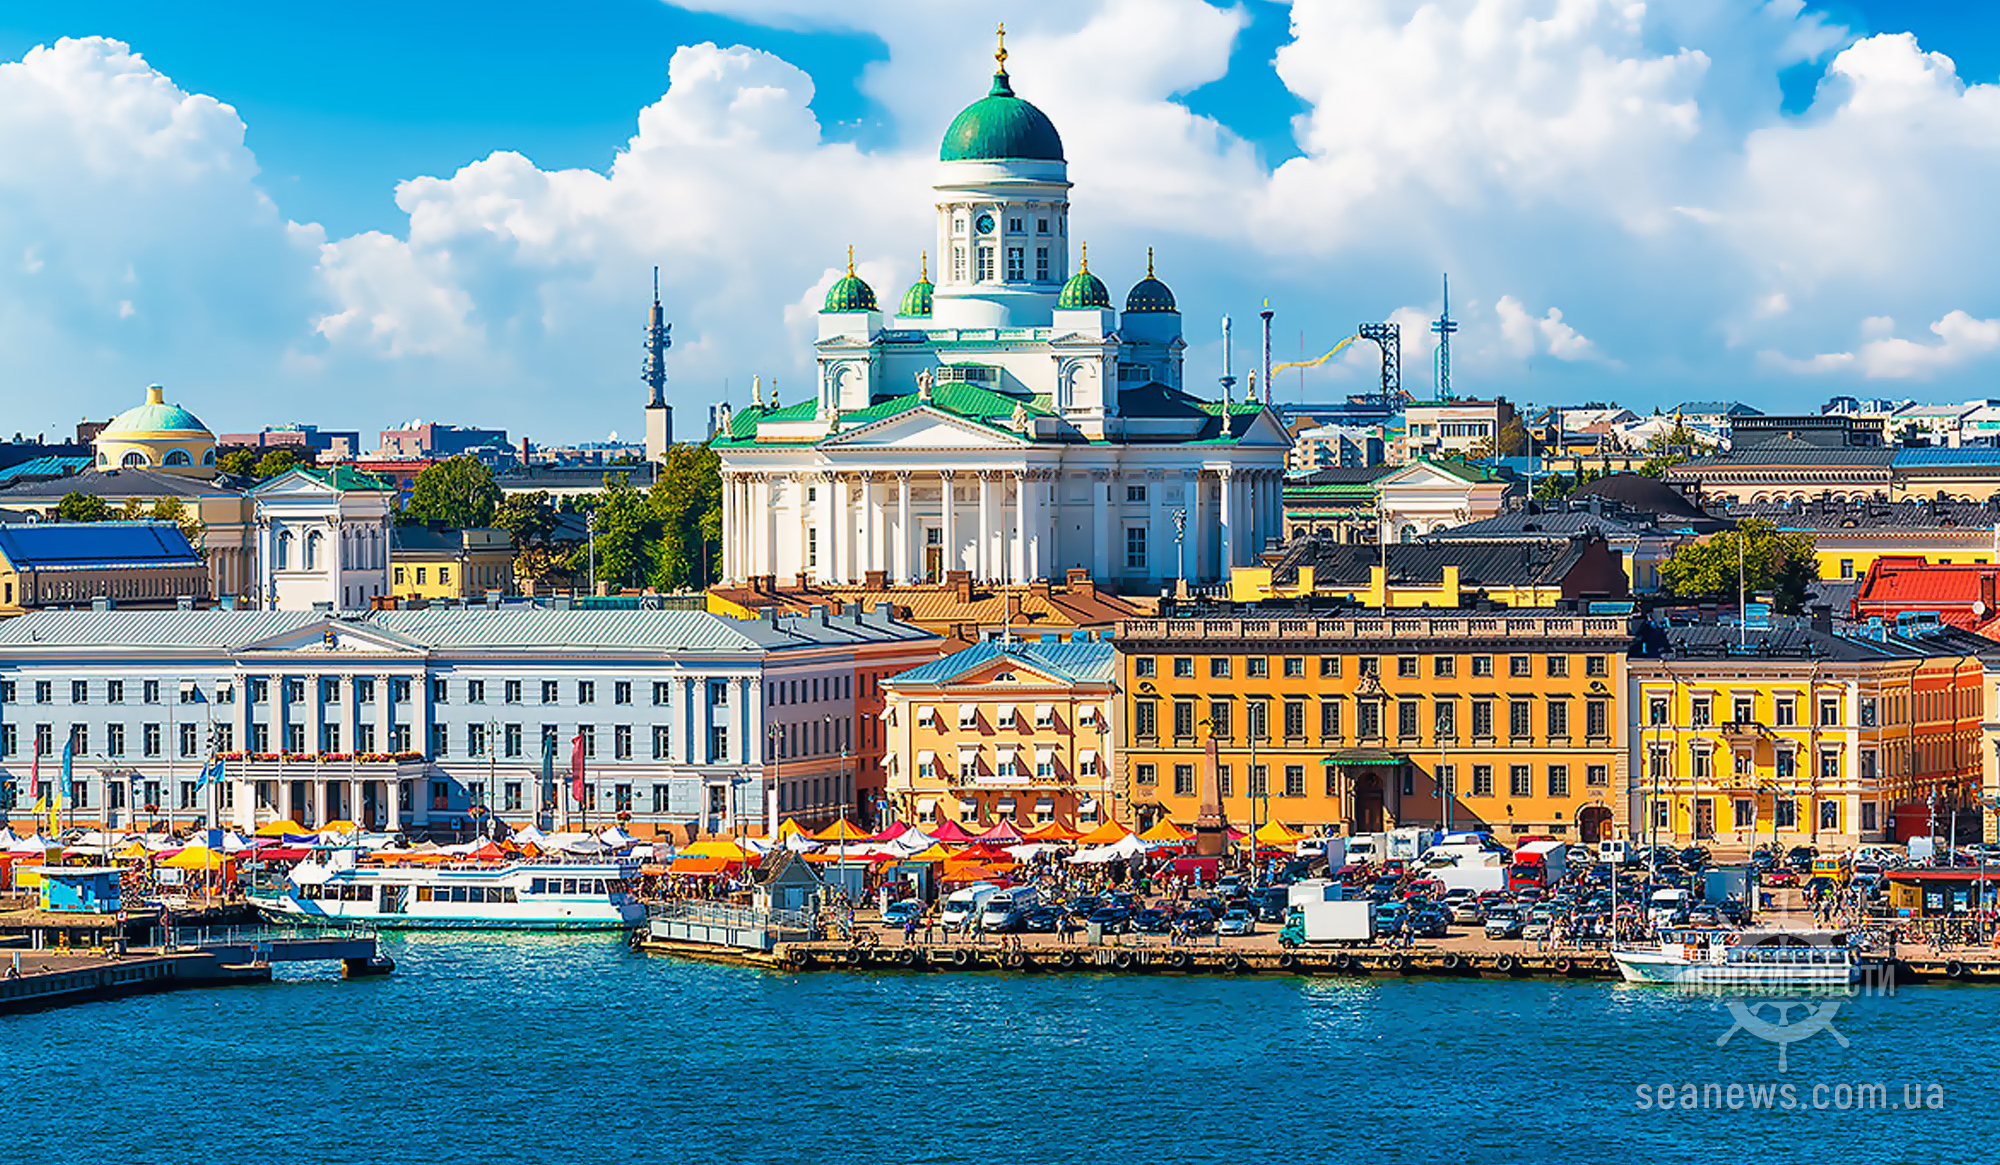 С этой недели Финляндия разрешит круизным туристам сходить на берег